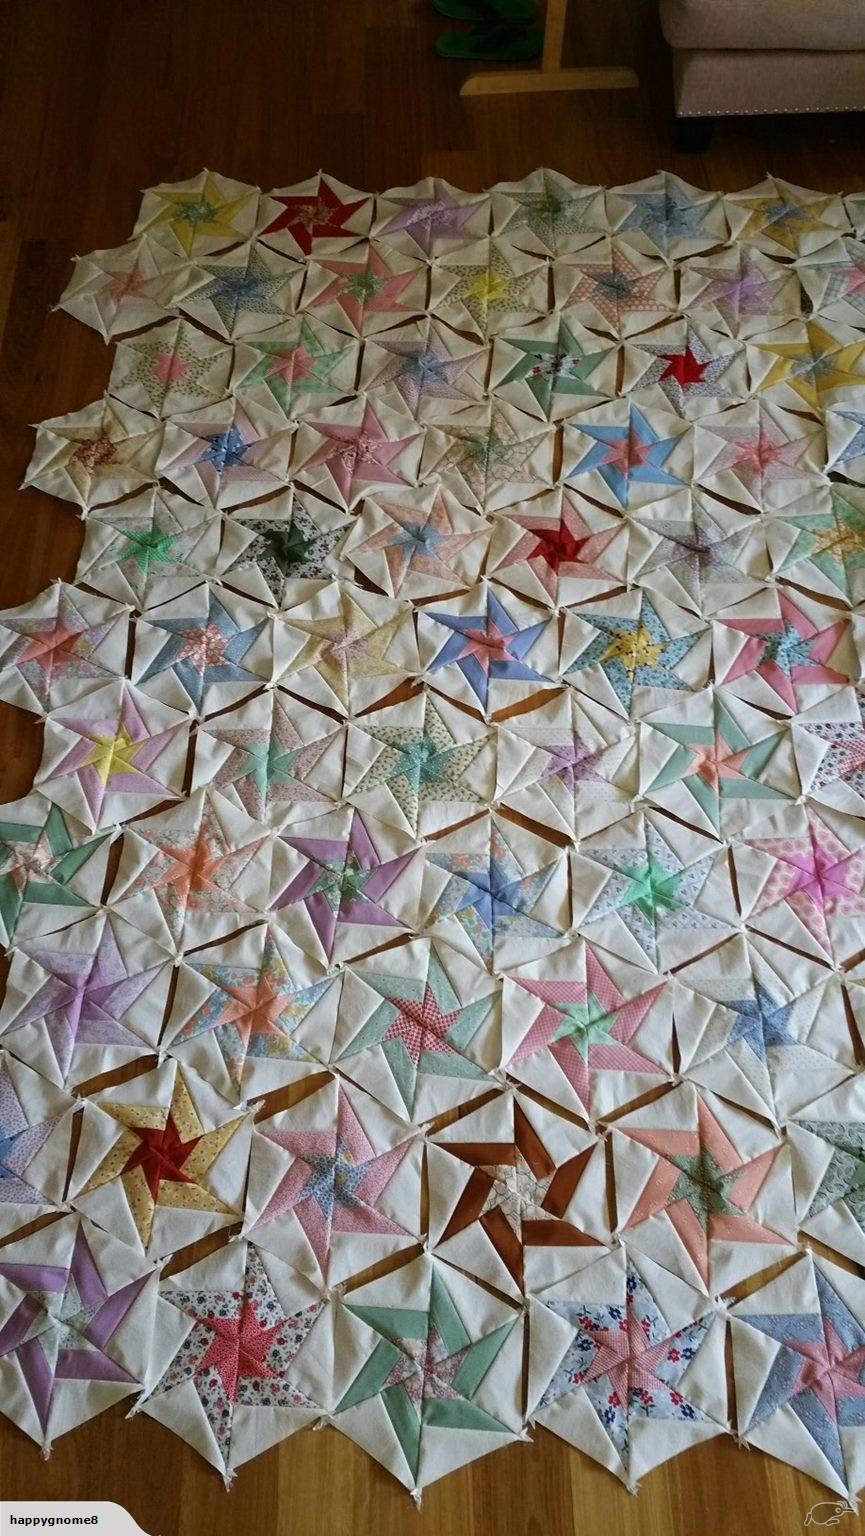 Swirling star Quilt Blocks